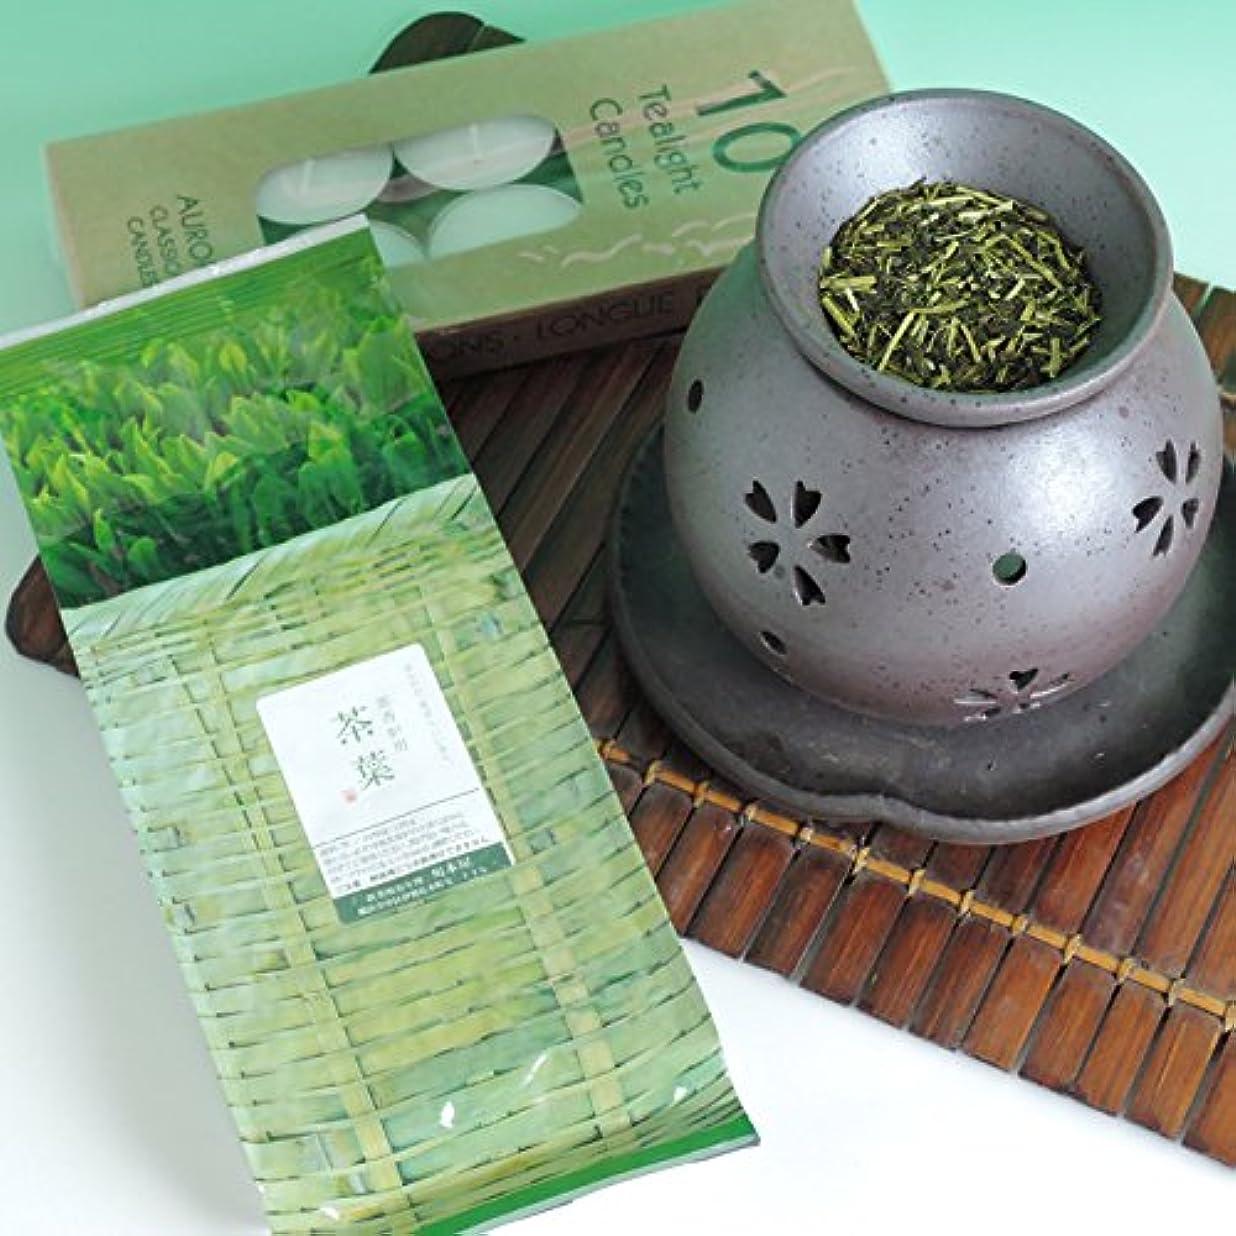 惨めな助けになる詳細な茶香炉 盛正作 ローソク 茶香炉専用 茶葉 セット 川本屋茶舗